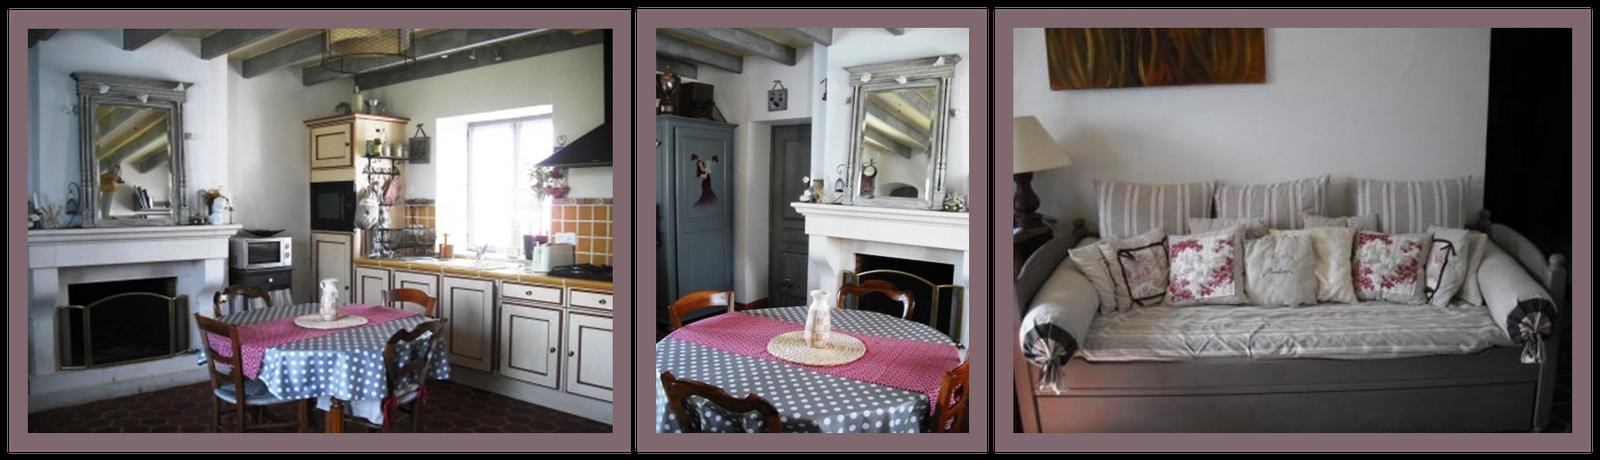 Cours peinture d corative meubles peints patin s cuisine for Meubles de charme patines